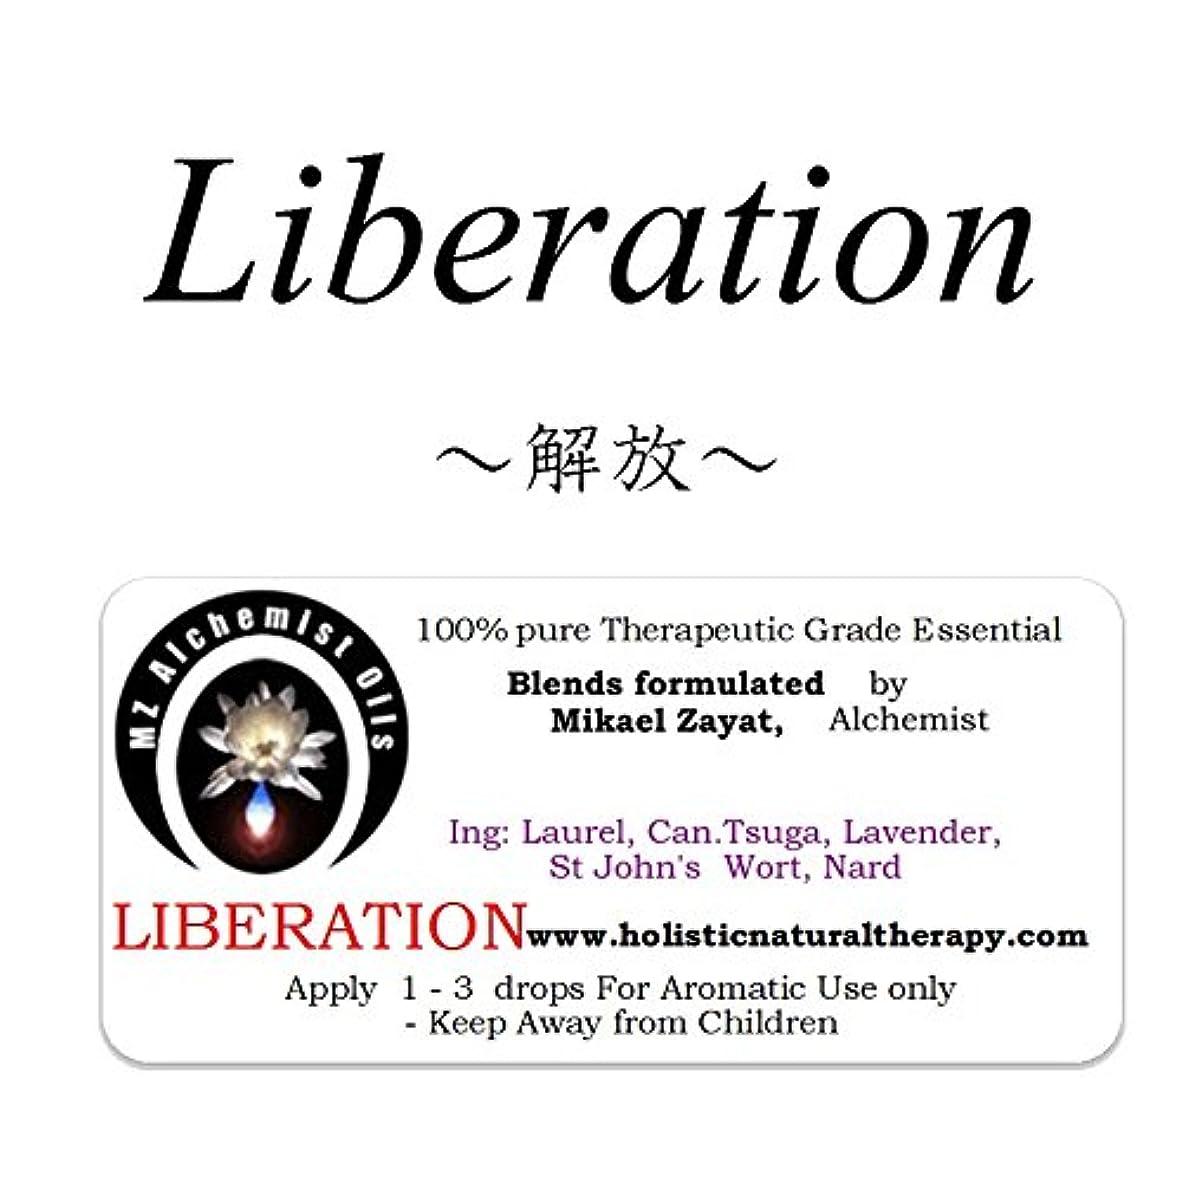 サラミセレナ治療ミカエル?ザヤットアルケミストオイル セラピストグレードアロマオイル Liberation-リベレーション(解放)- 4ml